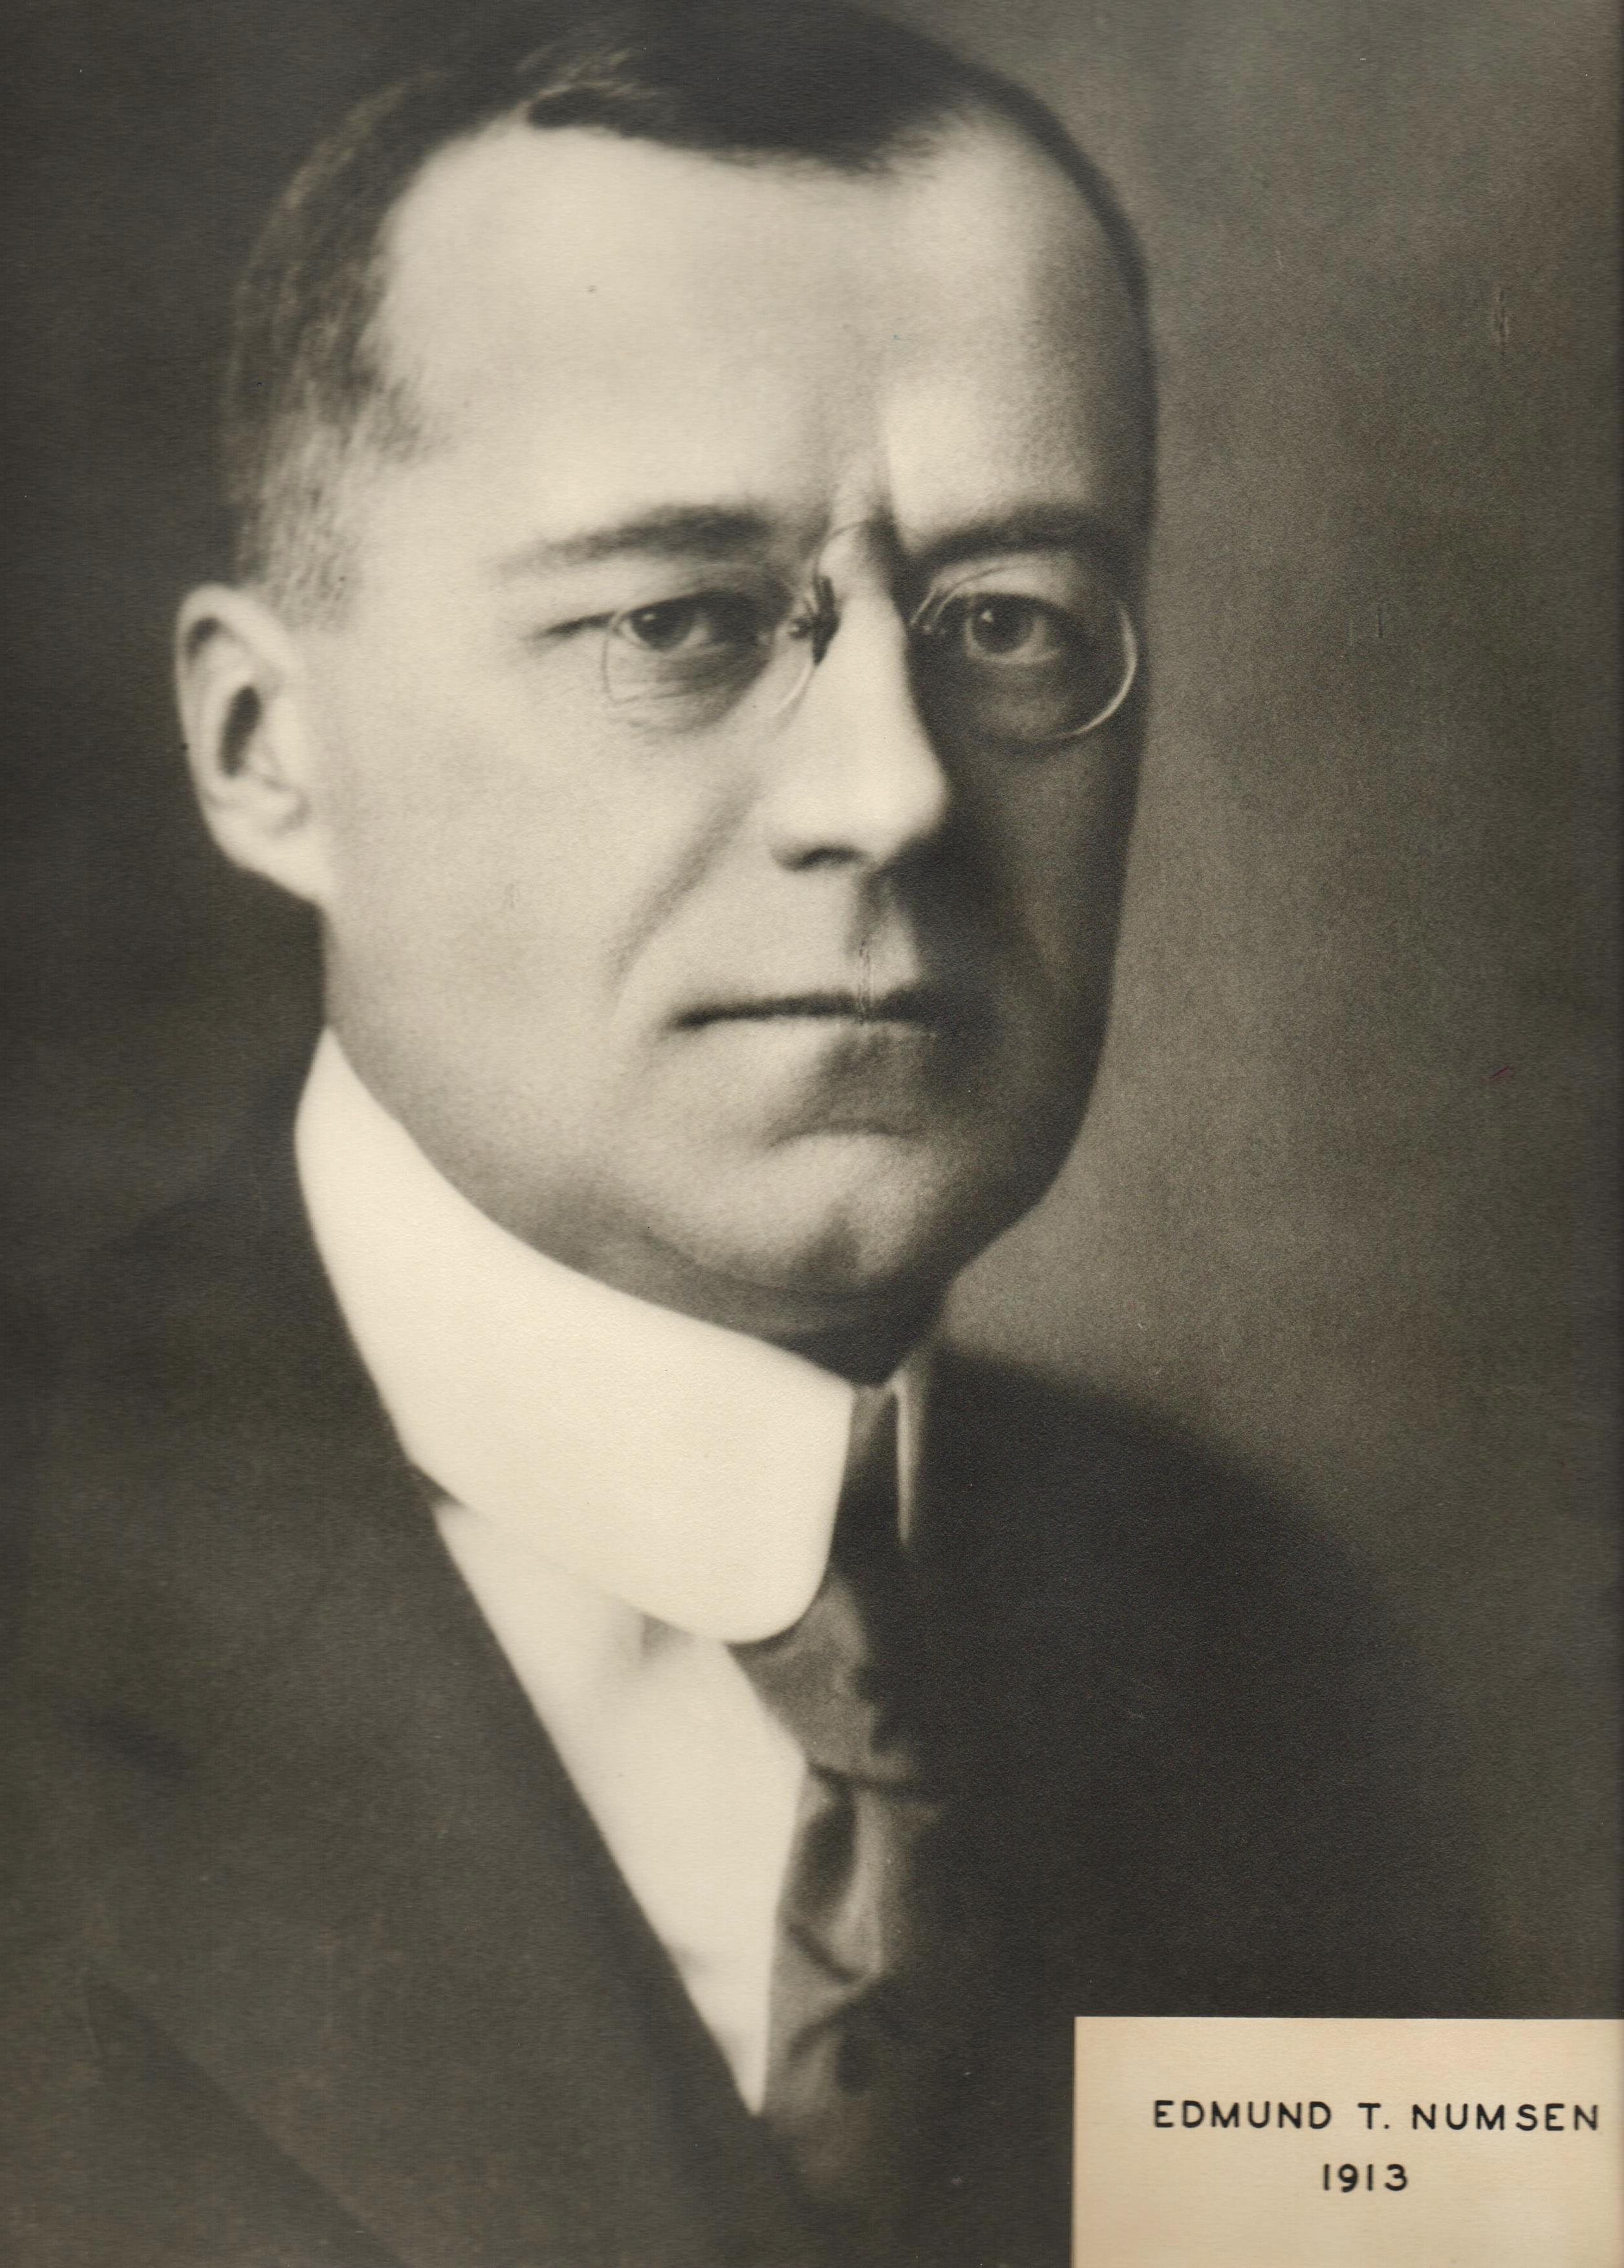 1913 Edmund T. Numsen